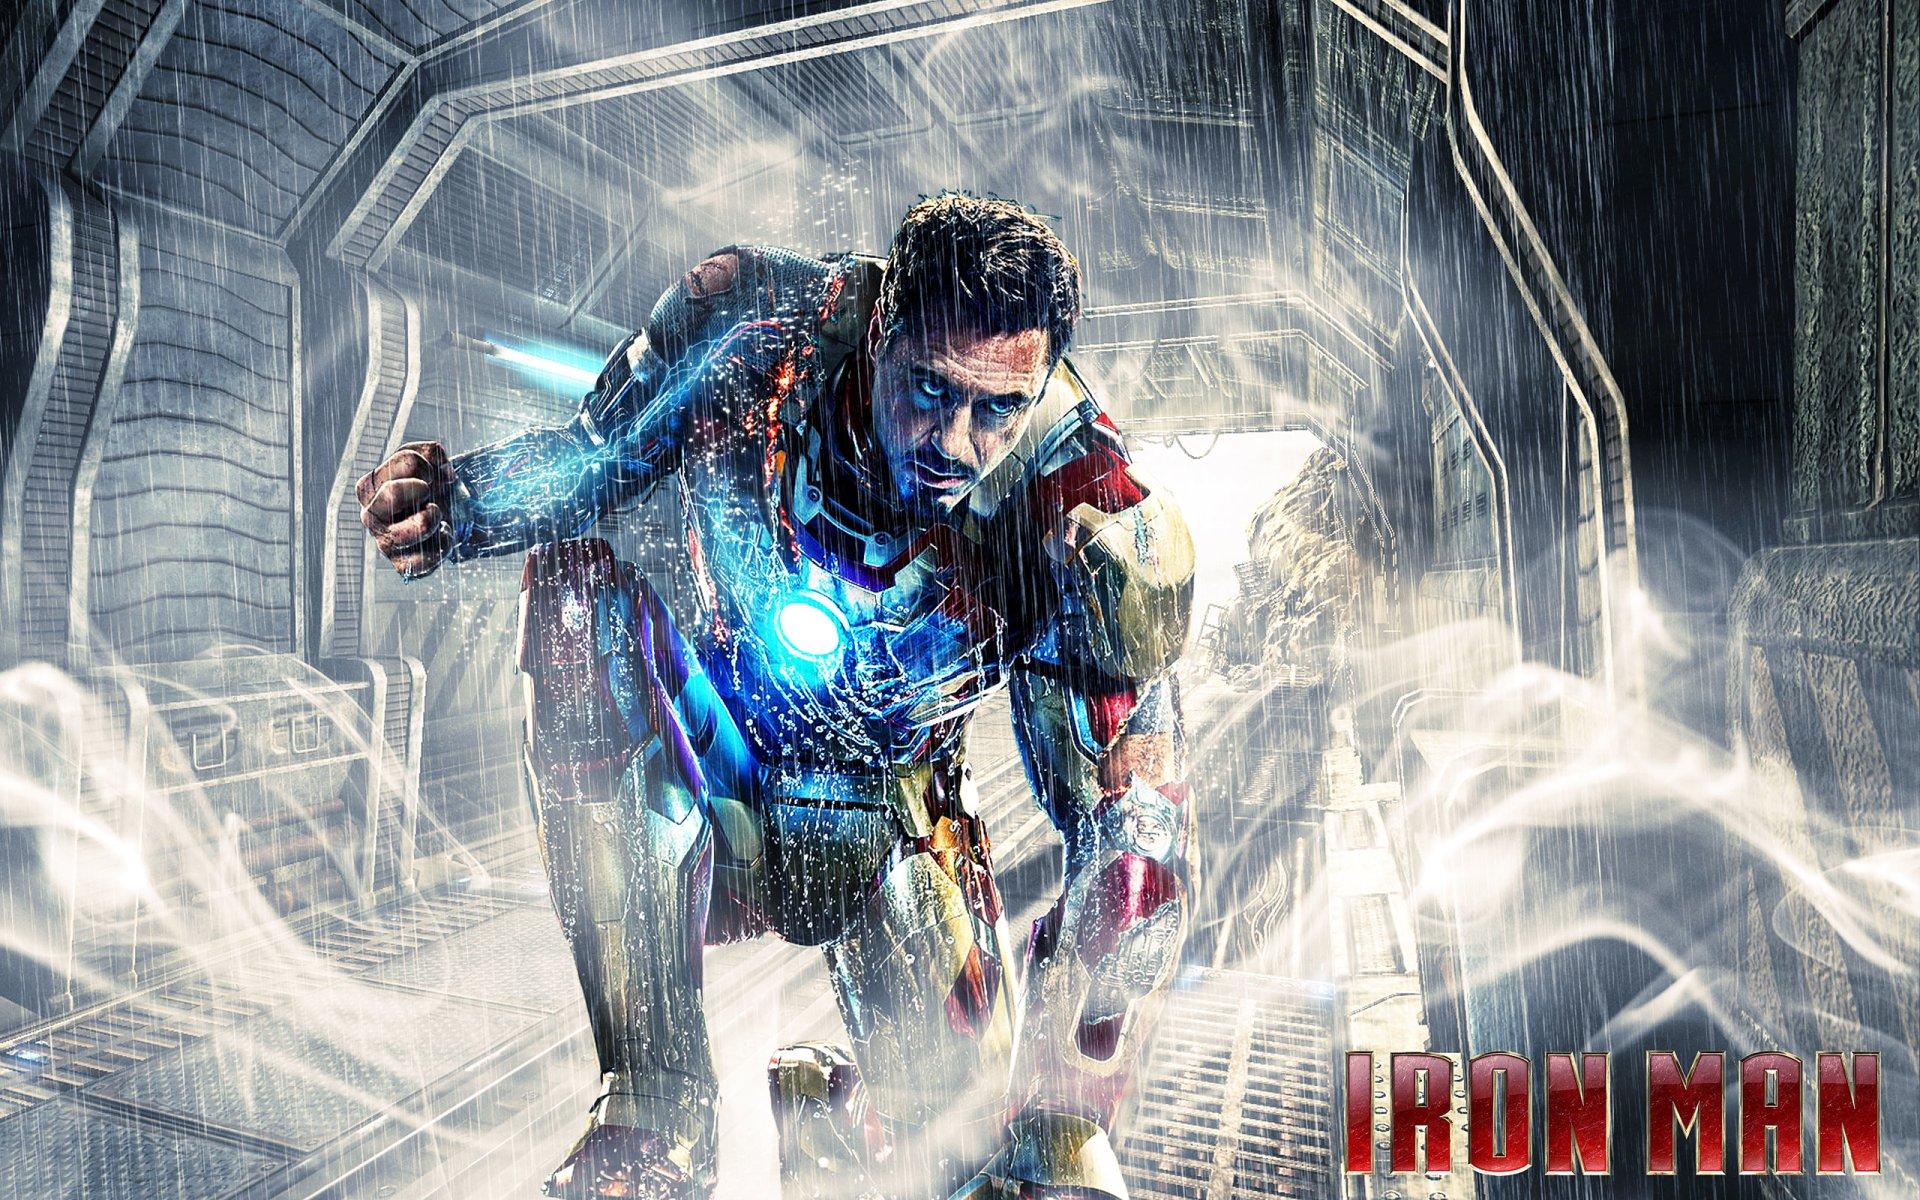 Ironman fond d 39 cran hd arri re plan 2560x1600 id 506716 wallpaper abyss - Iron man telecharger ...